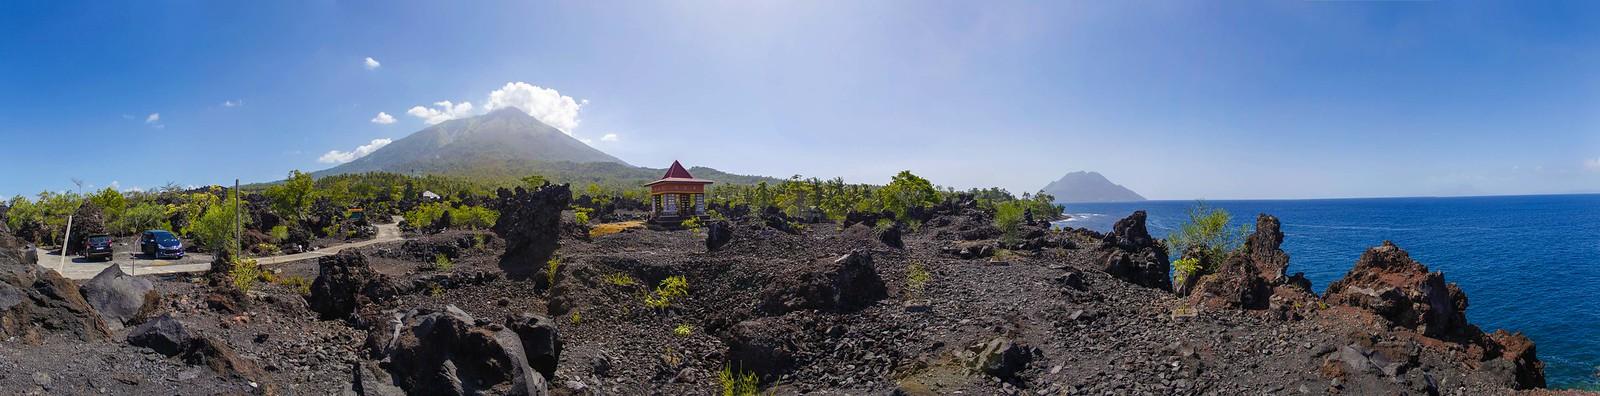 Vista del volcán Gamalama